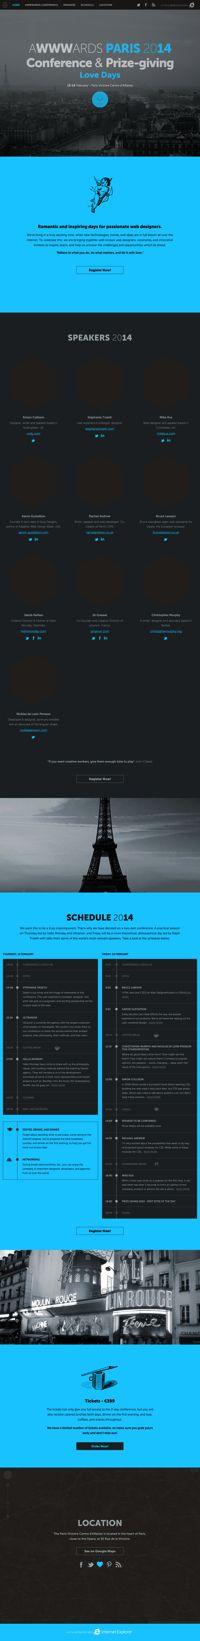 Awwwards Conference - Paris 2014